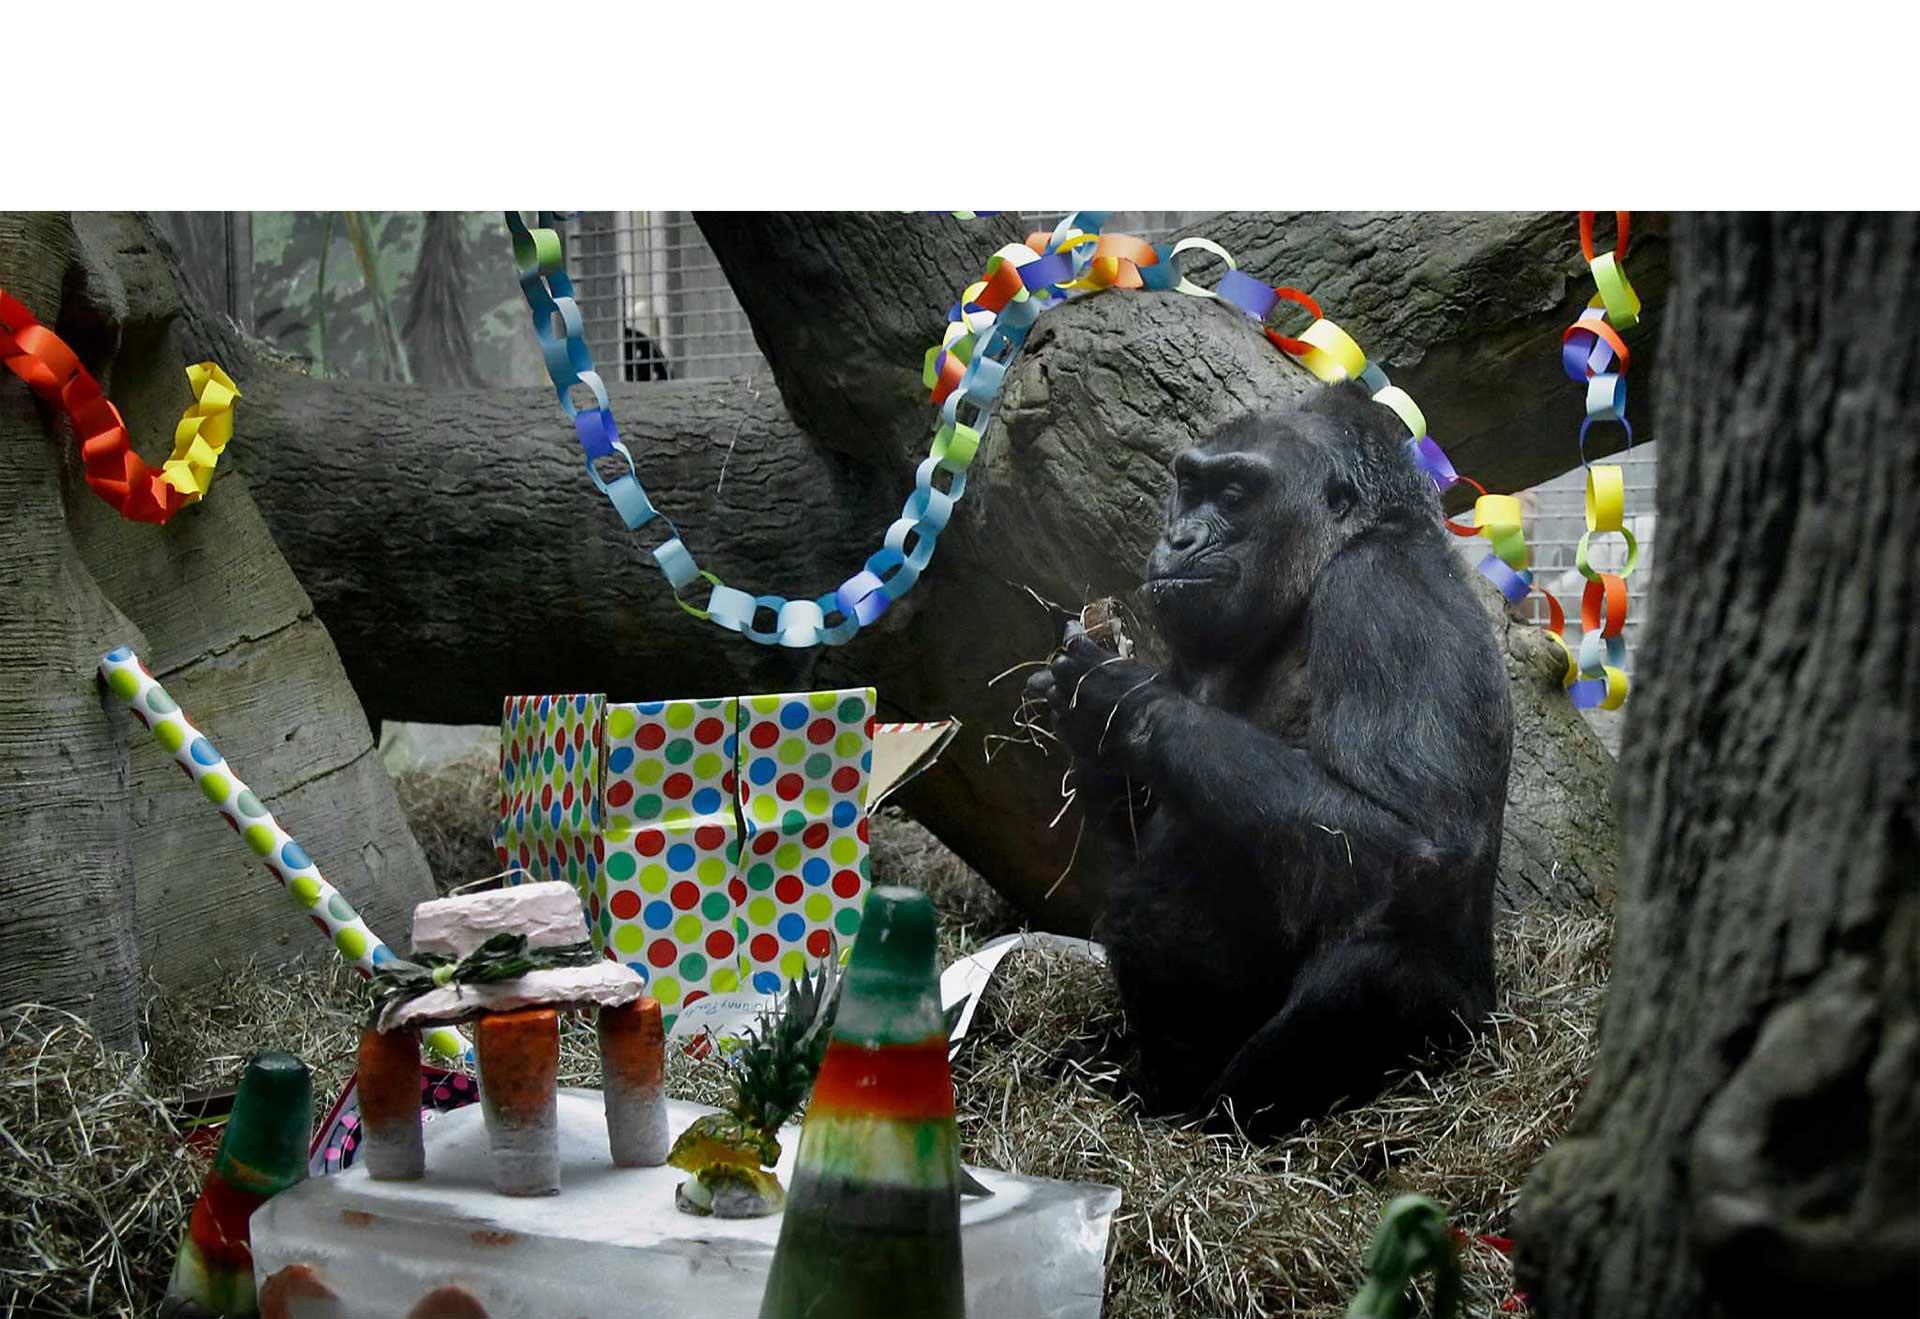 El tiempo de vida de los gorilas oscila entre 30 y 50 años, Colo superó los límites y cumplió 59 años, los cuales celebró en su hábitat